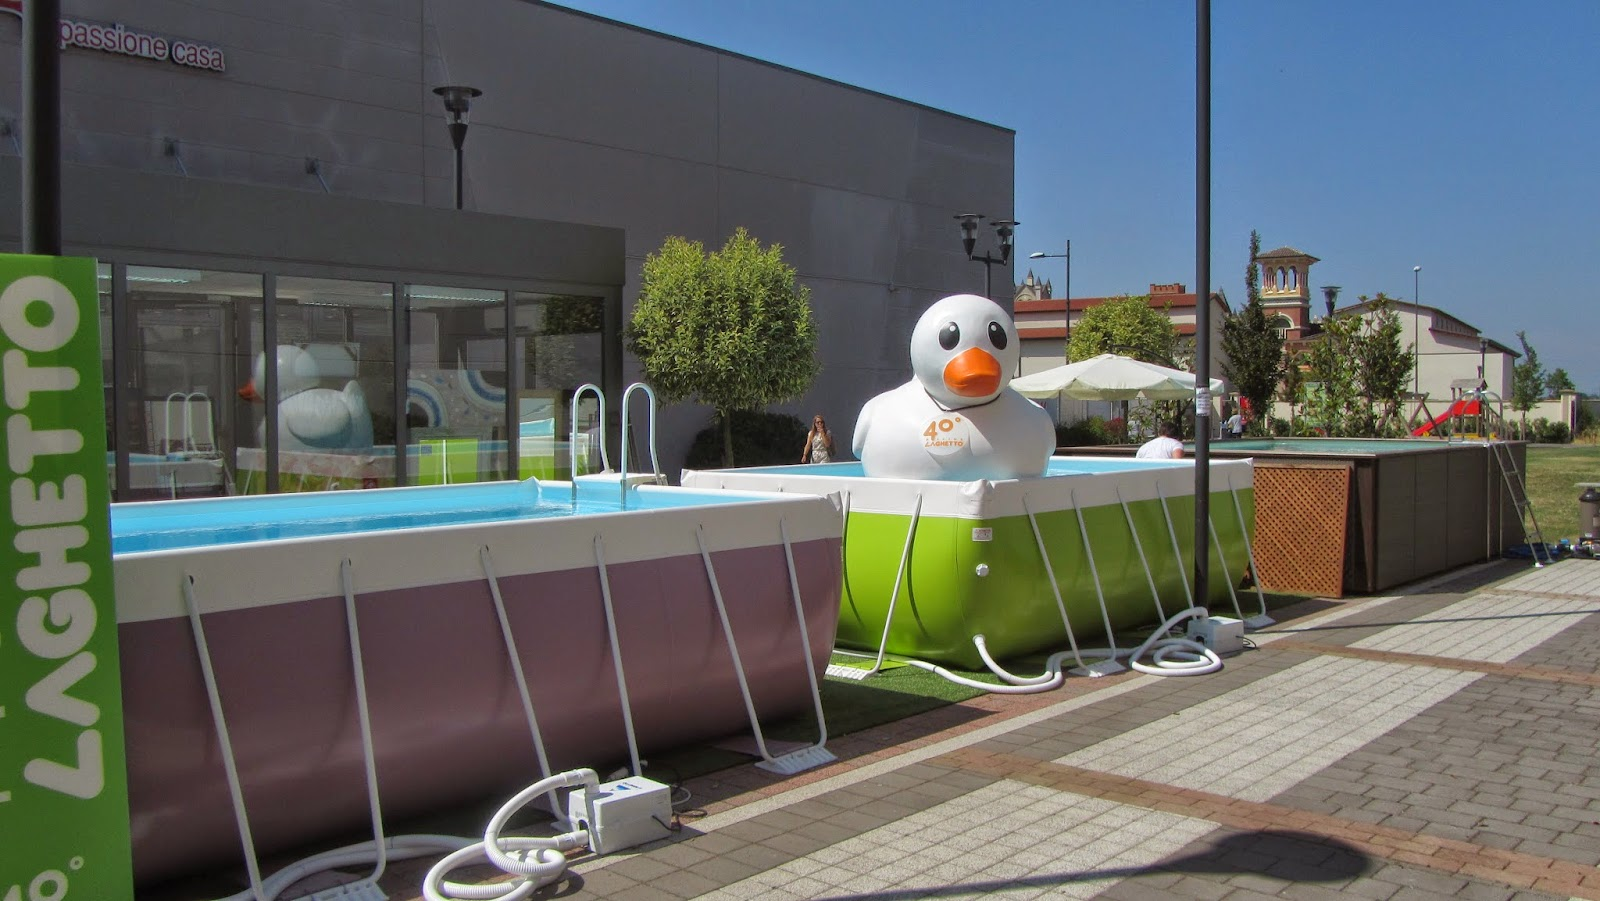 Franzoni piscine orari confortevole soggiorno nella casa for Franzoni arredamenti la spezia